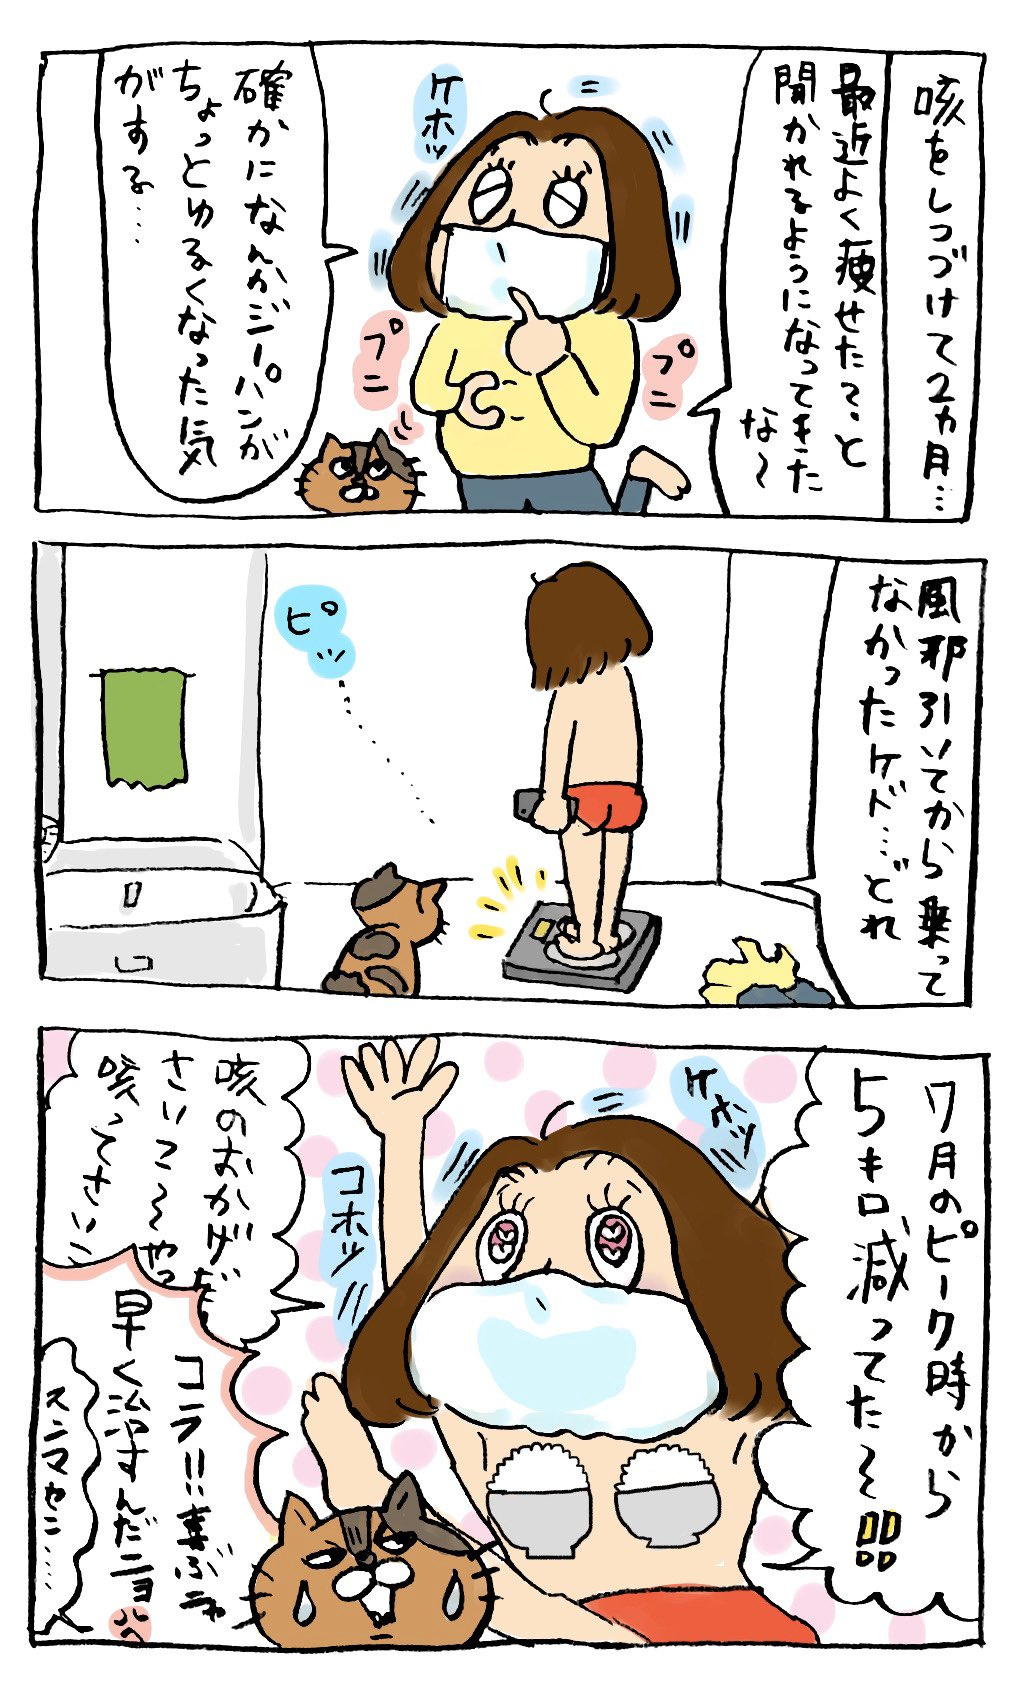 無料四コマ漫画:咳ダイエット(ダメ、絶対)